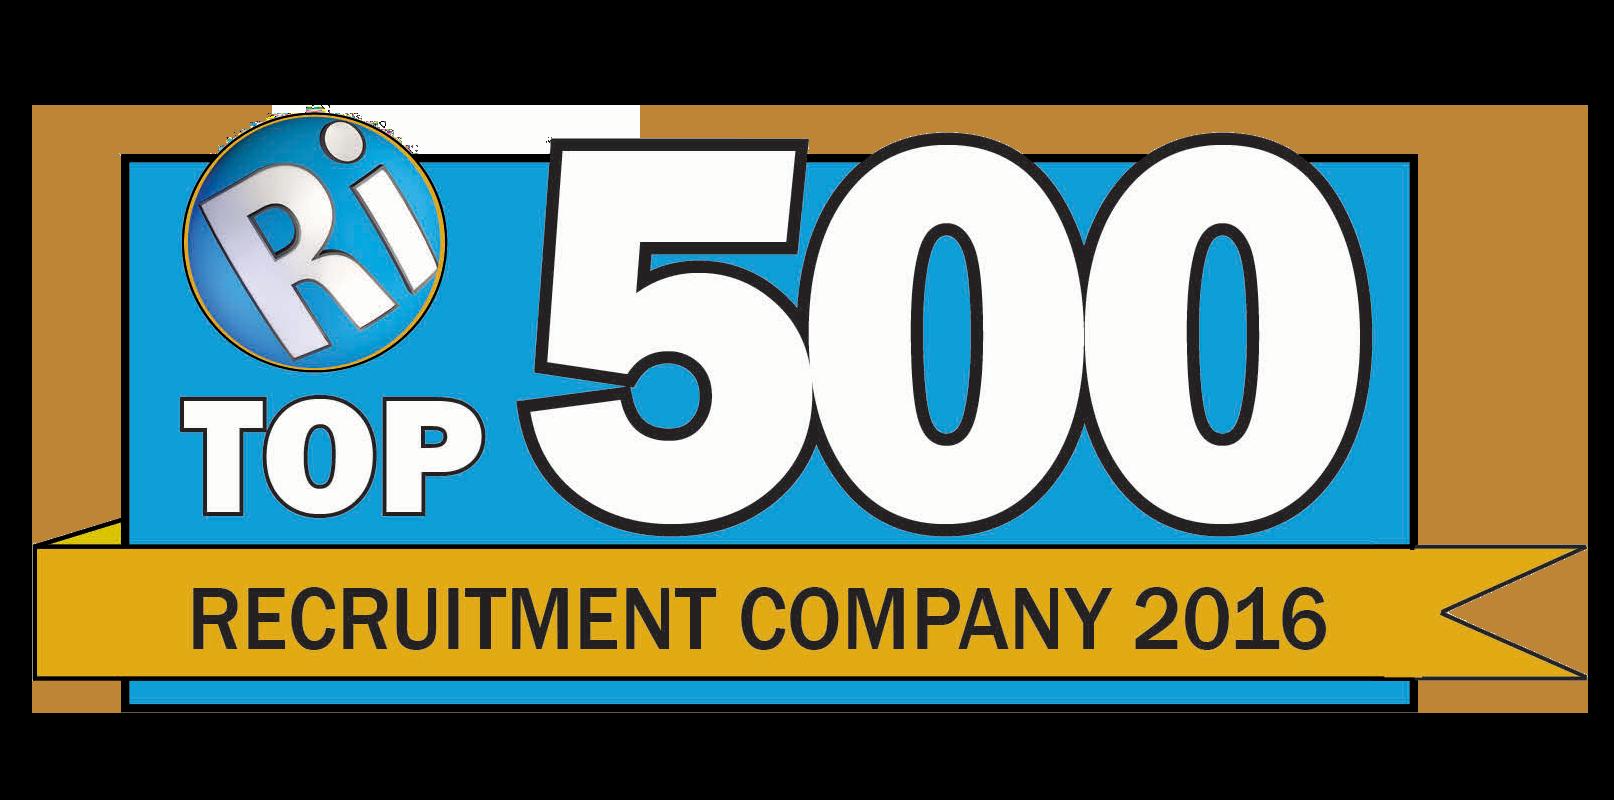 Top500-Logo-2016-2